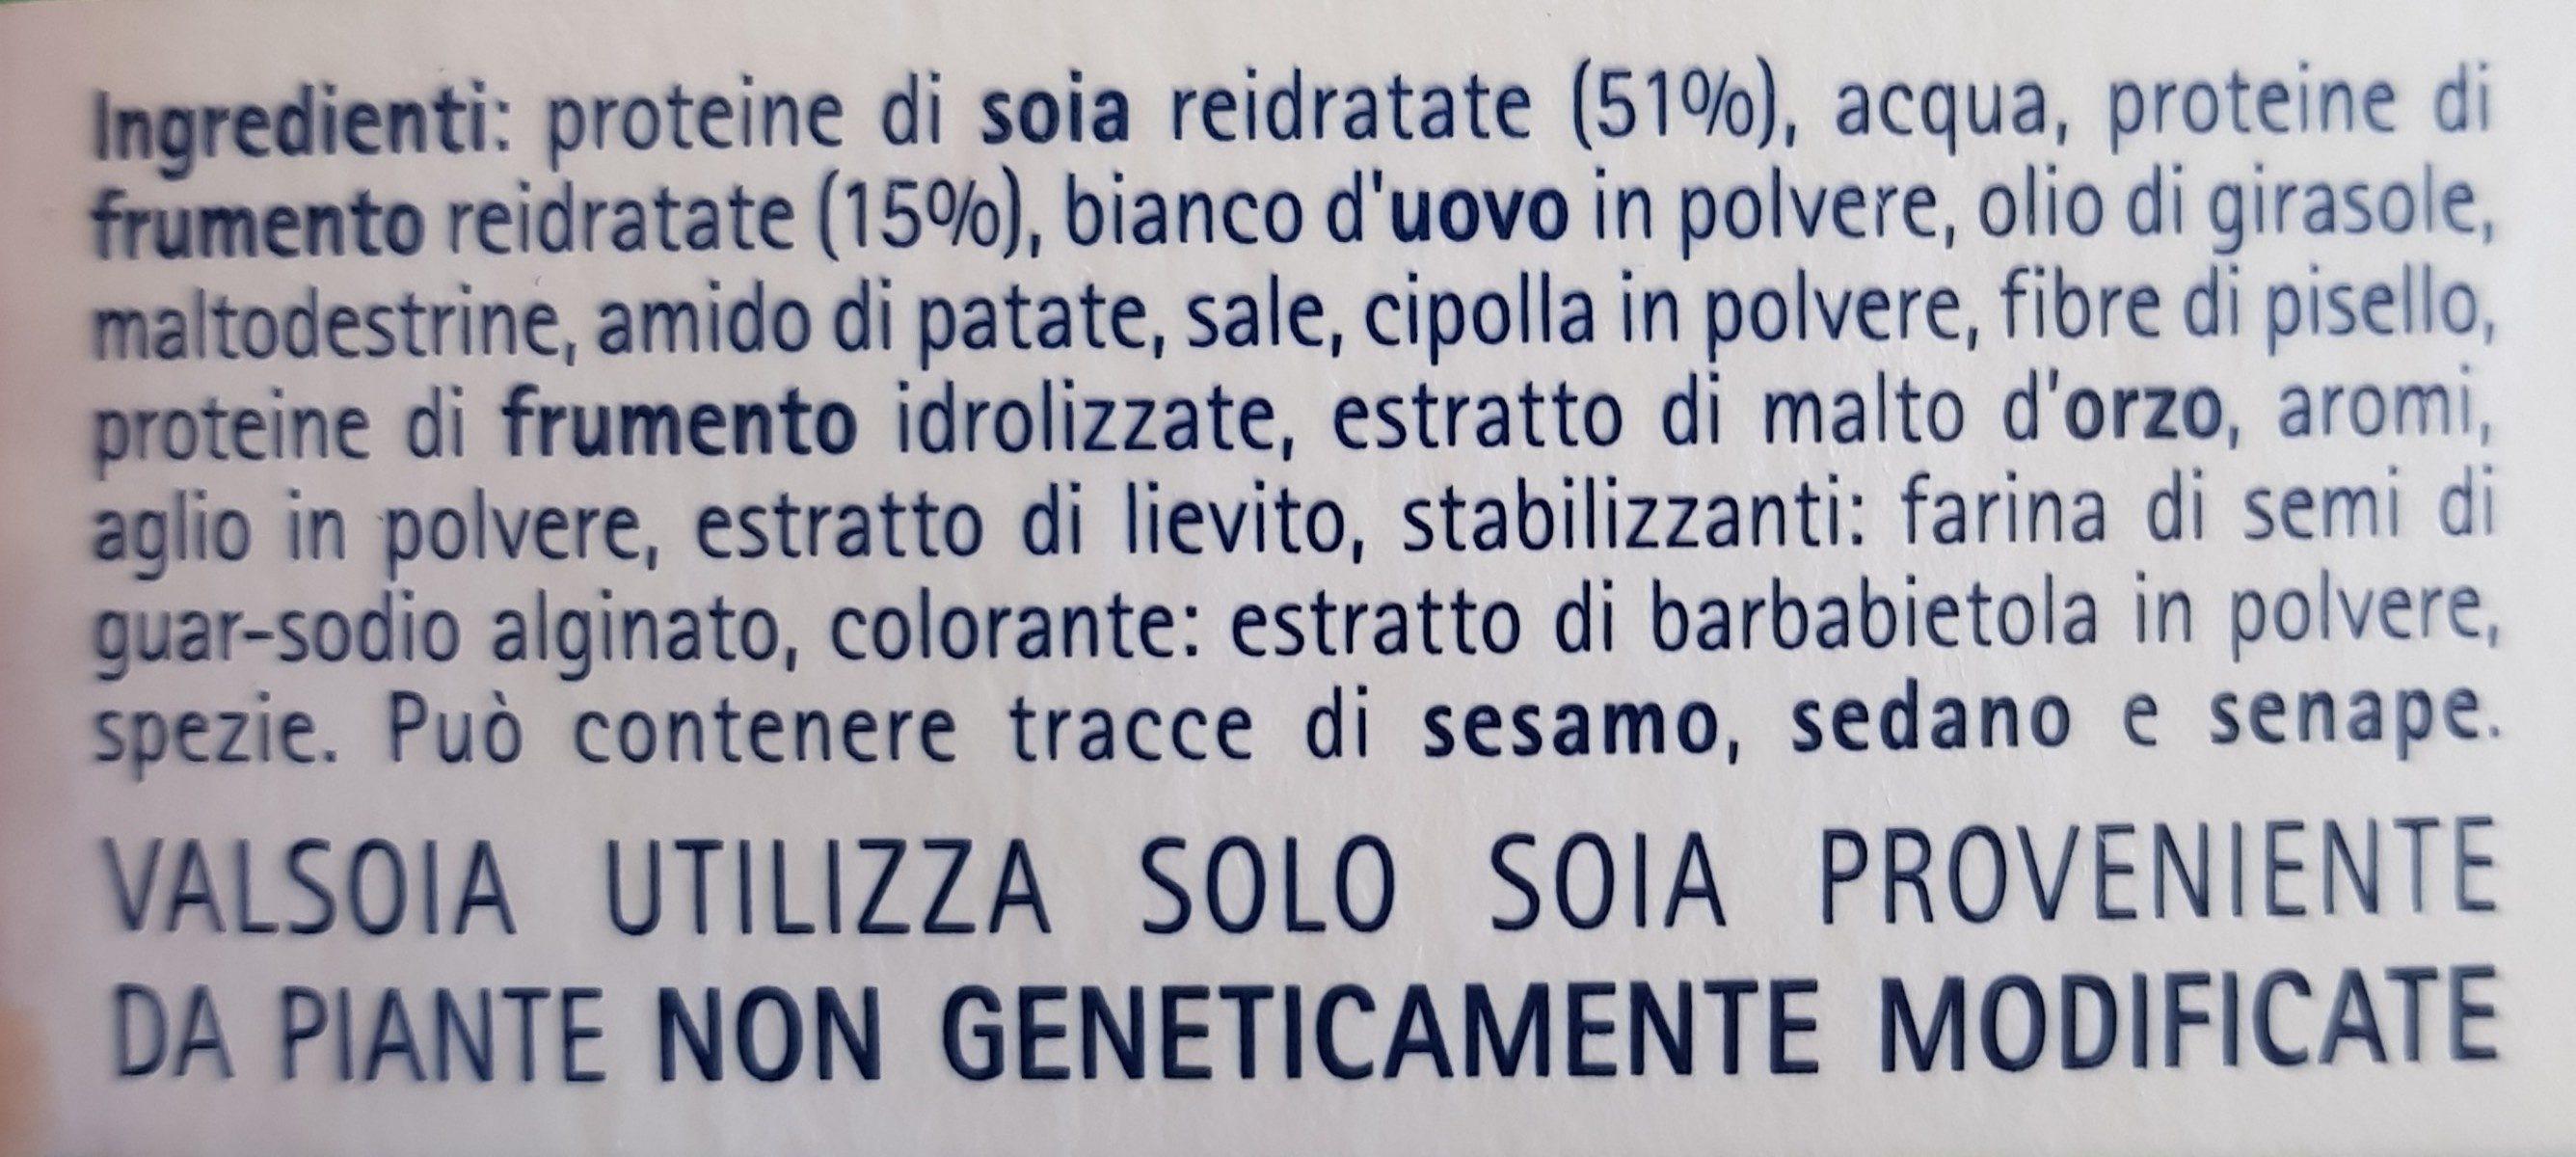 Valsoia Polpettine Surgelate - Ingredients - fr